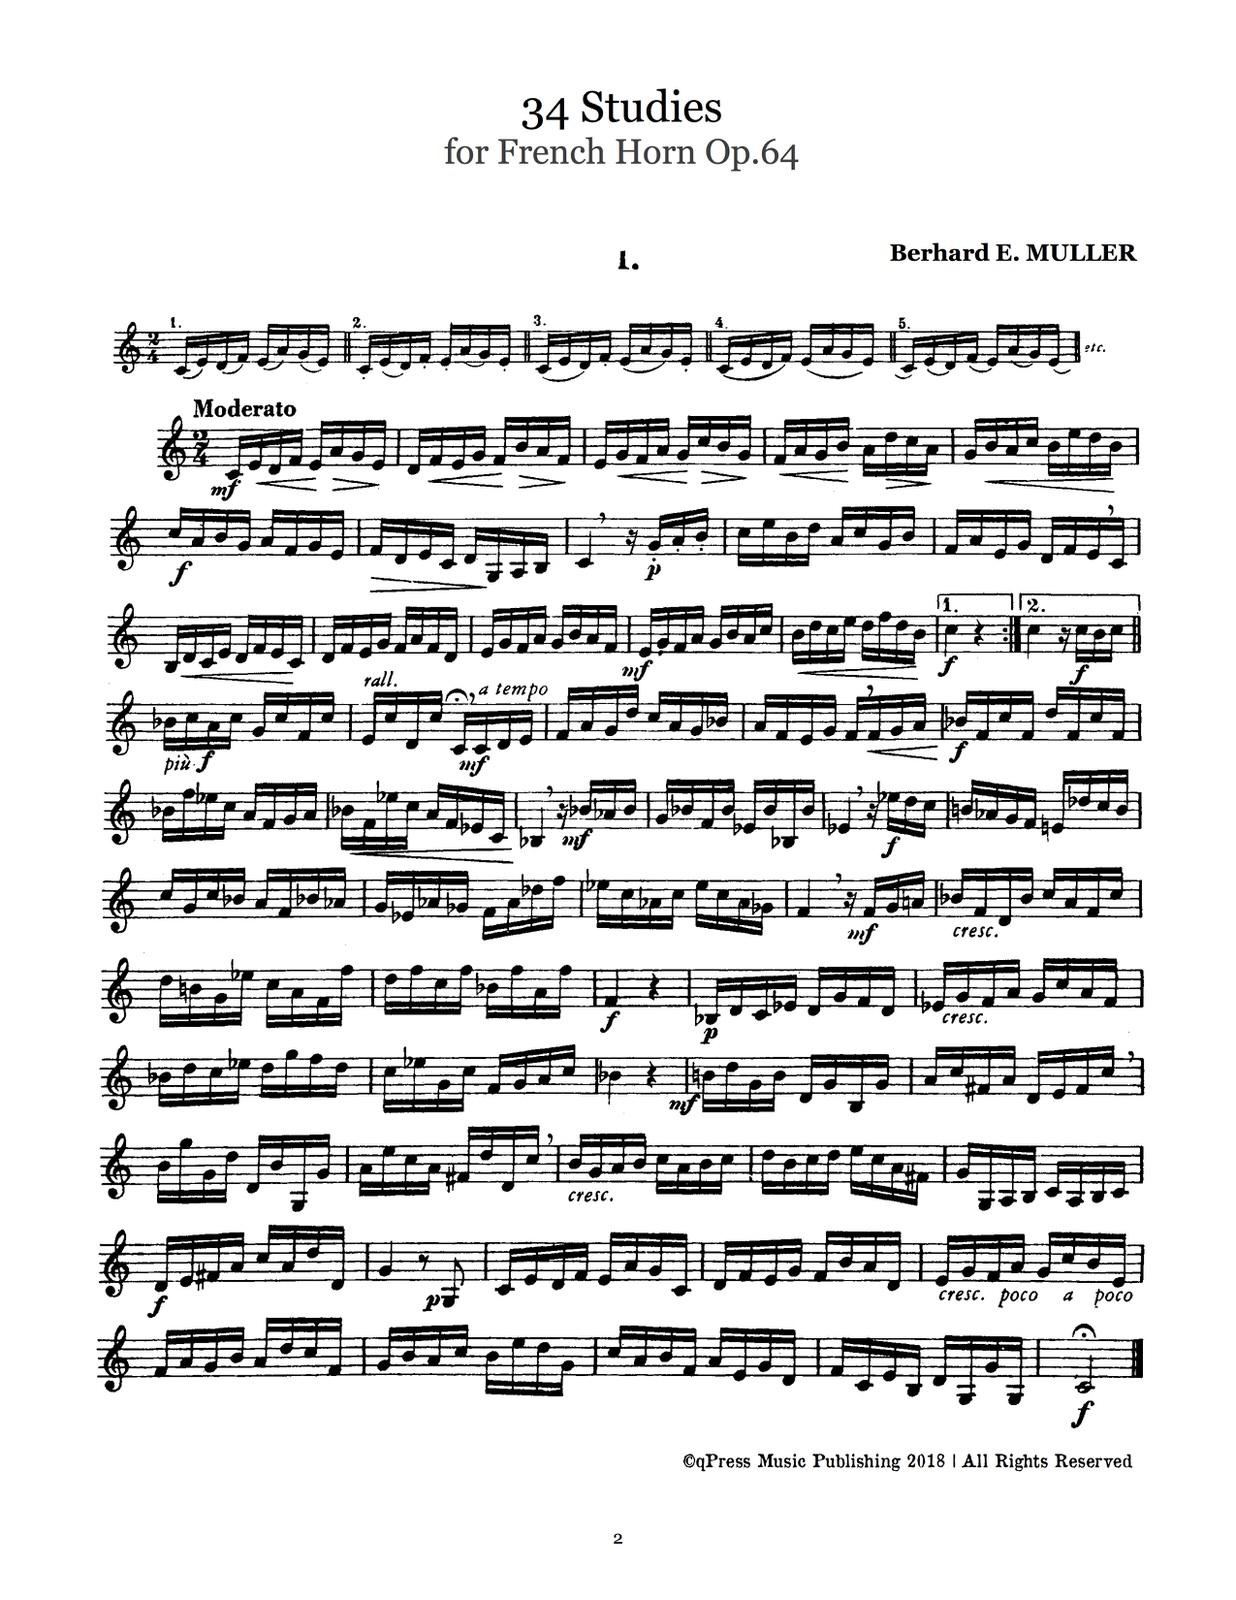 Muller, 34 Studies Opus 64 Complete-p02